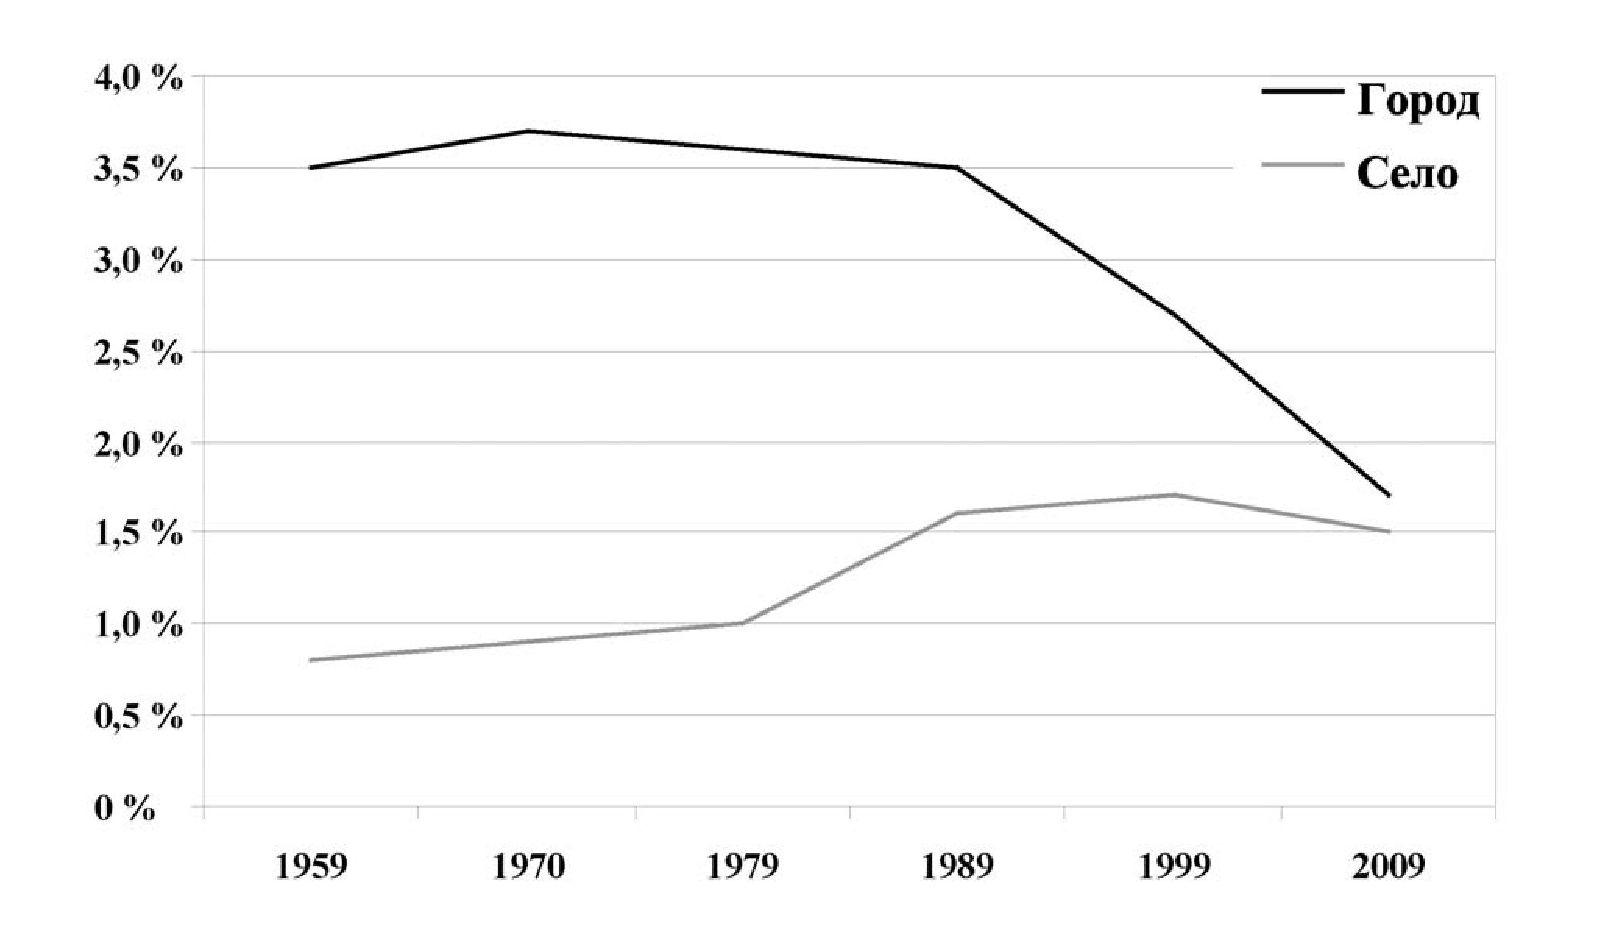 Рис. 1 б. Динамика численности украинцев (городского и сельского населения) в Беларуси (%)